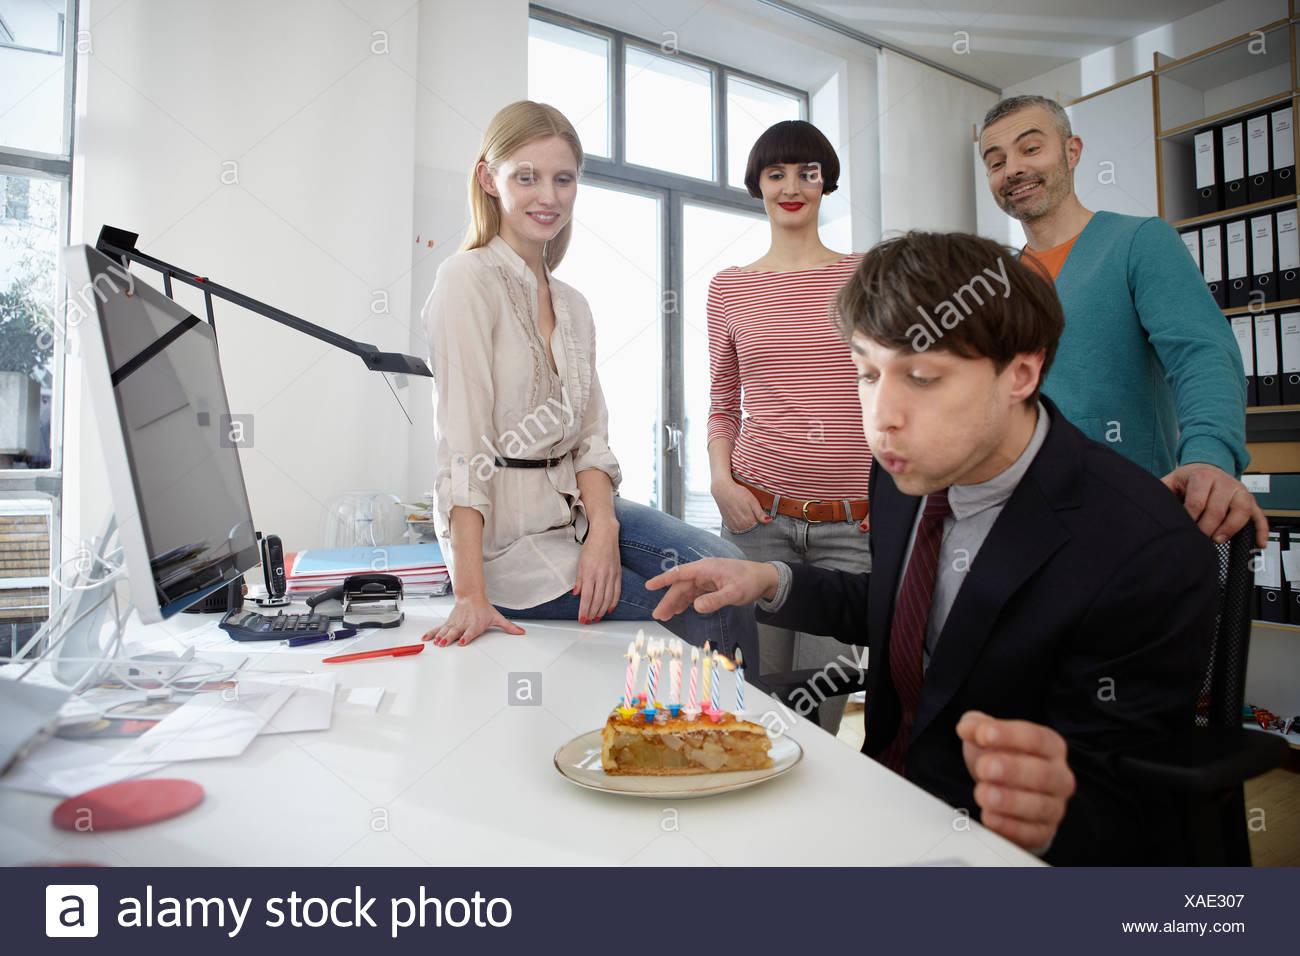 Deutschland Koln Manner Und Frauen Feiert Geburtstag Stockfoto